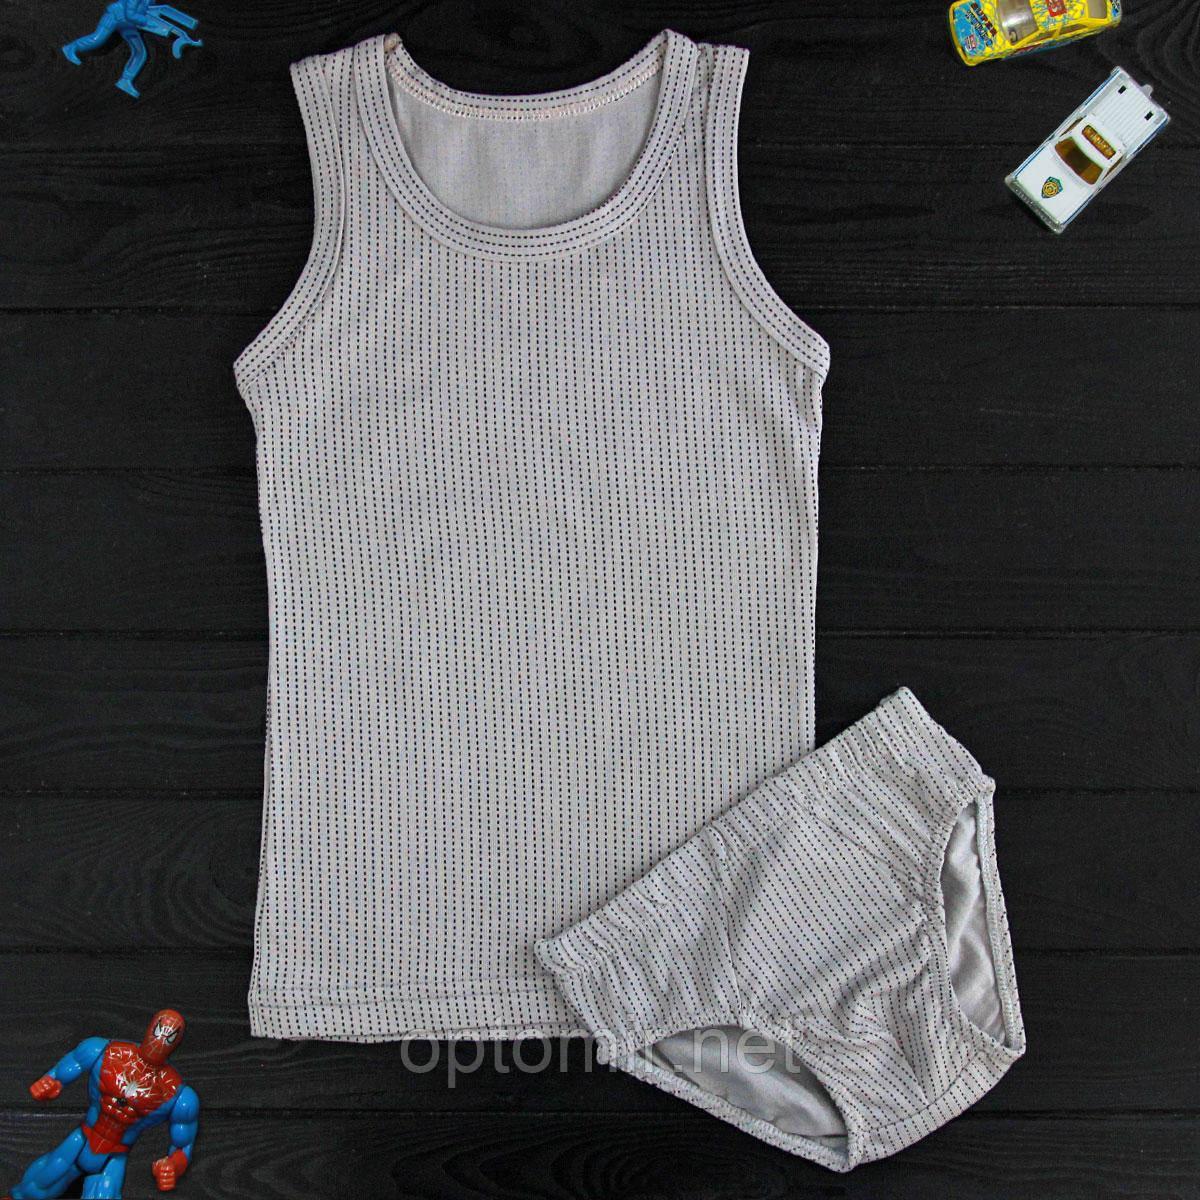 Комплект детский Donella для мальчика на 2/3 года | 1шт.